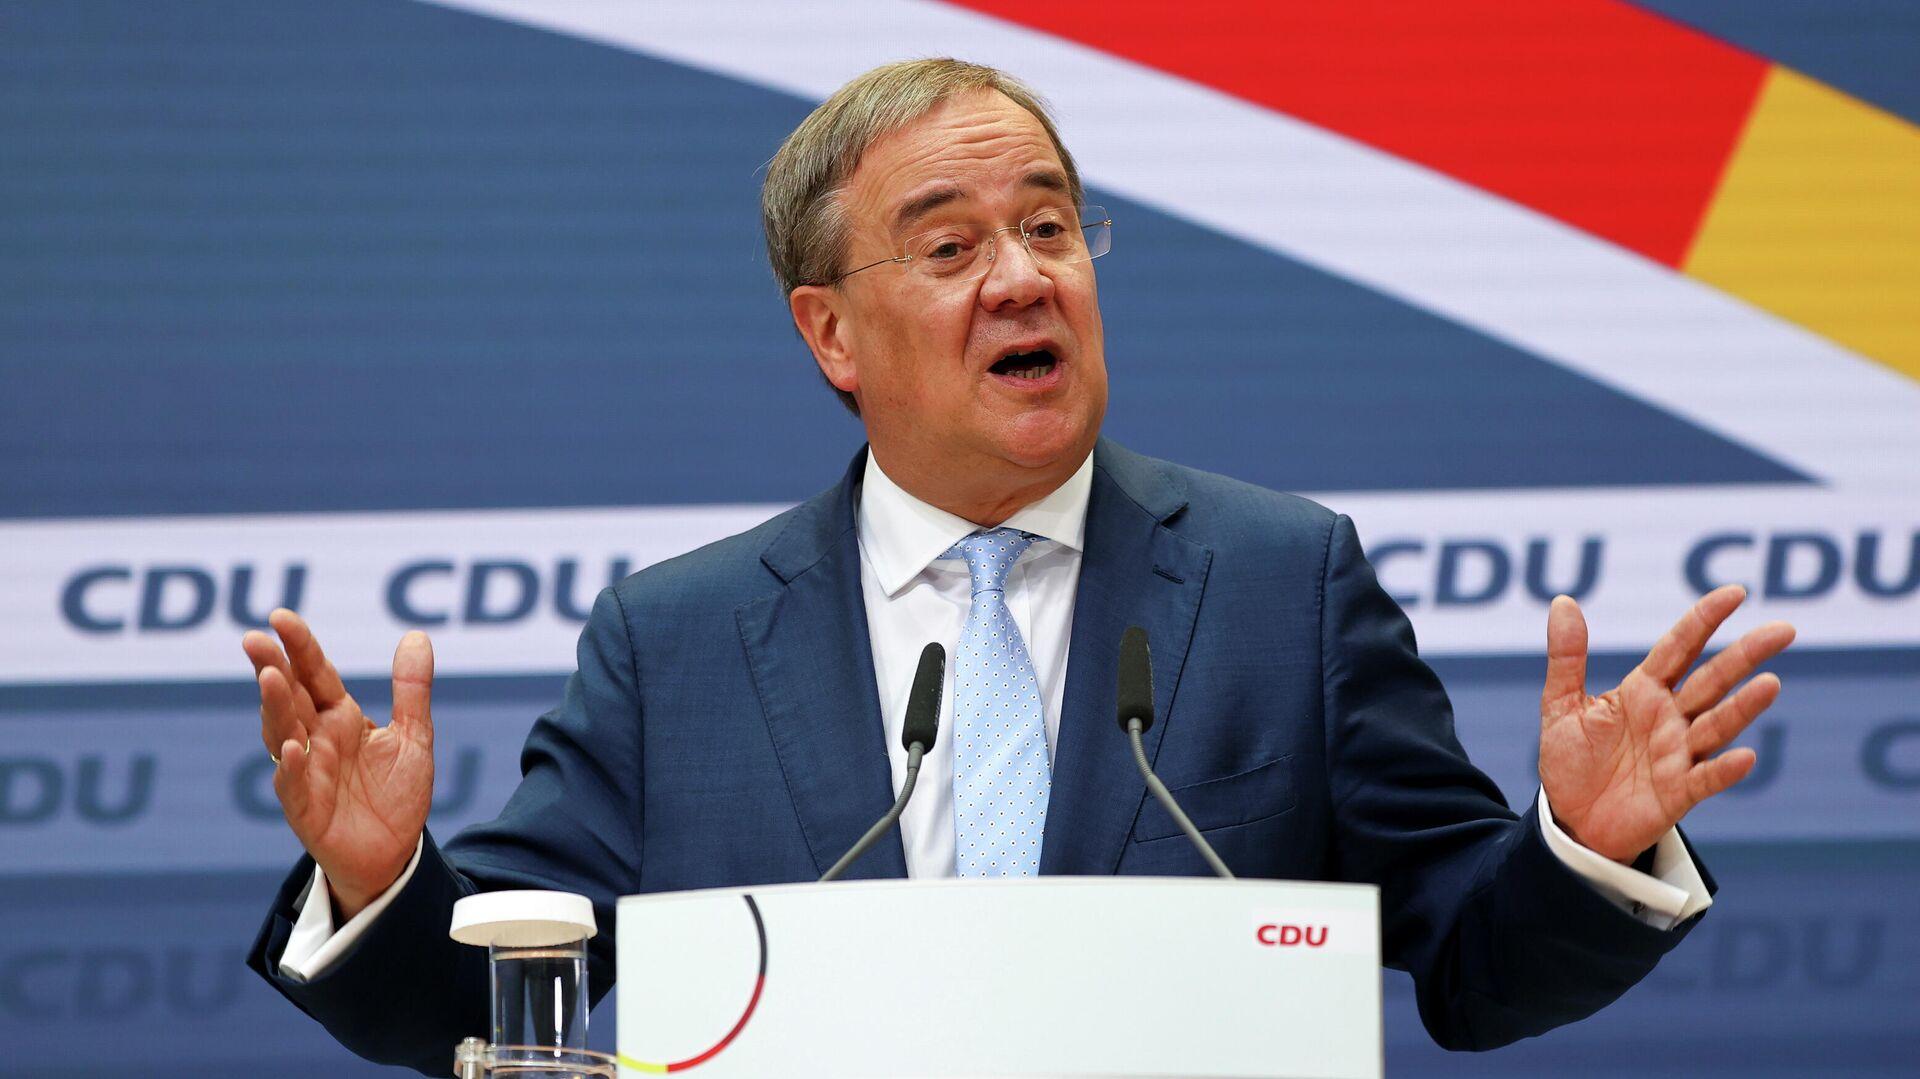 Armin Laschet, candidato a canciller de Alemania de la alianza de la Unión Demócrata Cristiana y la Unión Social Cristiana (CDU/CSU) - Sputnik Mundo, 1920, 27.09.2021